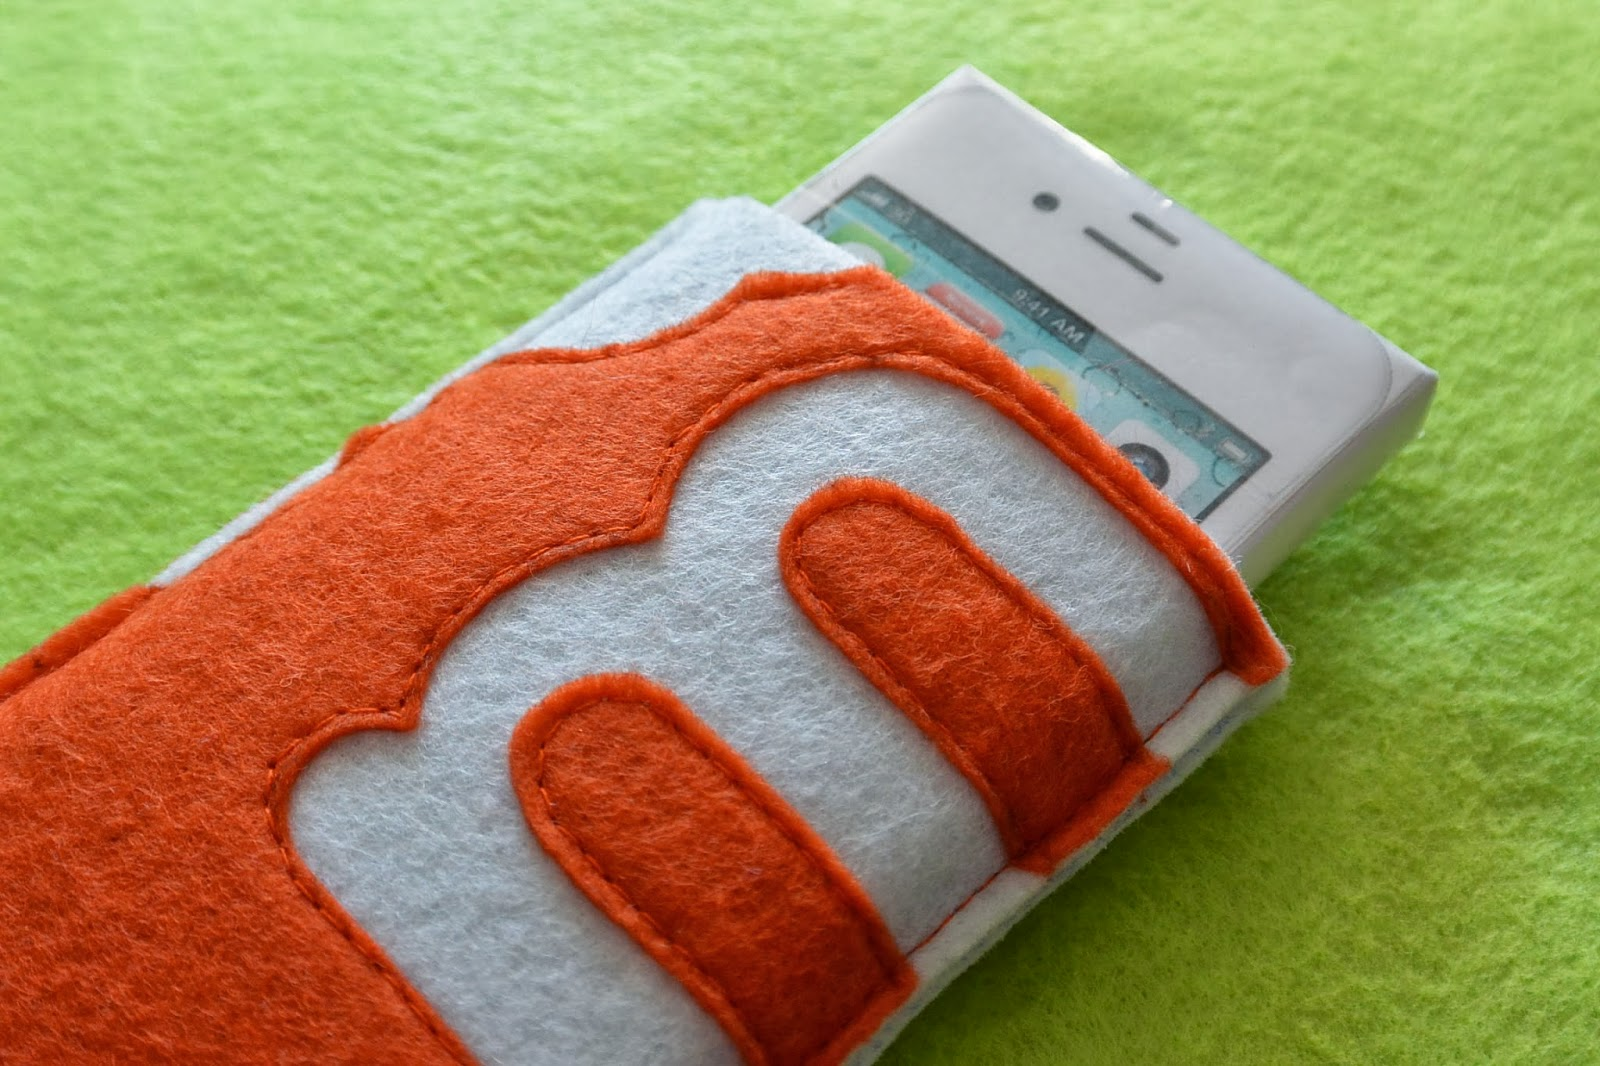 Housse en feutrine Marmiton pour votre iPhone